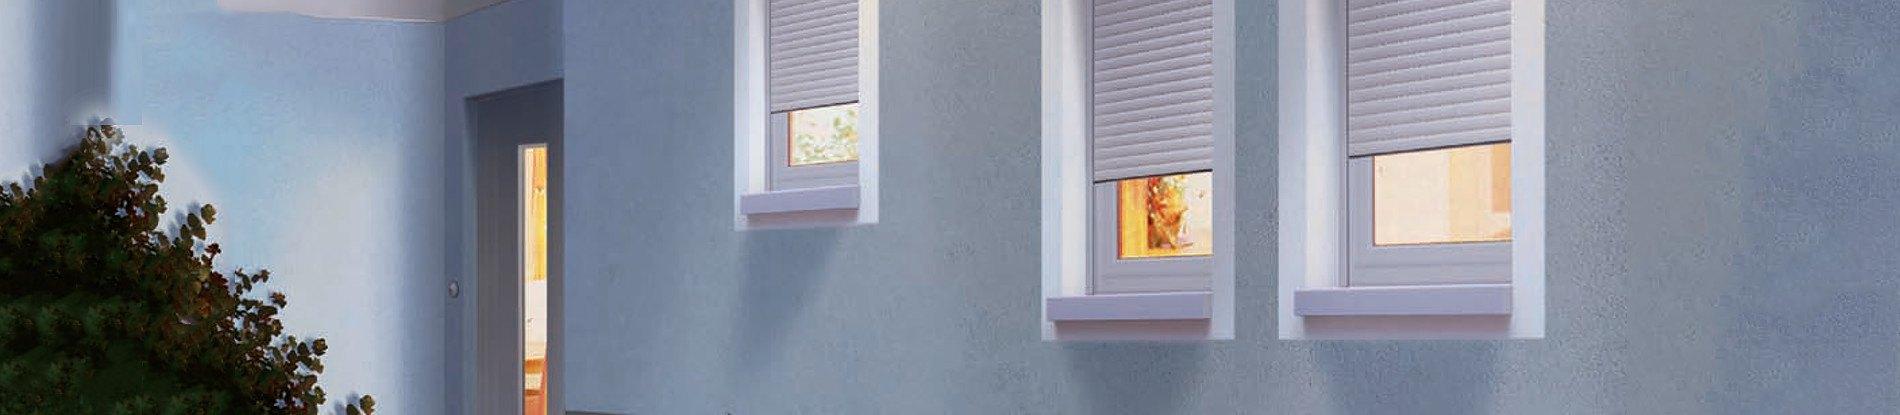 Full Size of Fenster Mit Integriertem Rollladen Preise Kosten Ermitteln Neufferde Bett Matratze Und Lattenrost 140x200 Velux Holz Alu Esstisch Stühlen Sicherheitsfolie L Fenster Fenster Mit Integriertem Rollladen